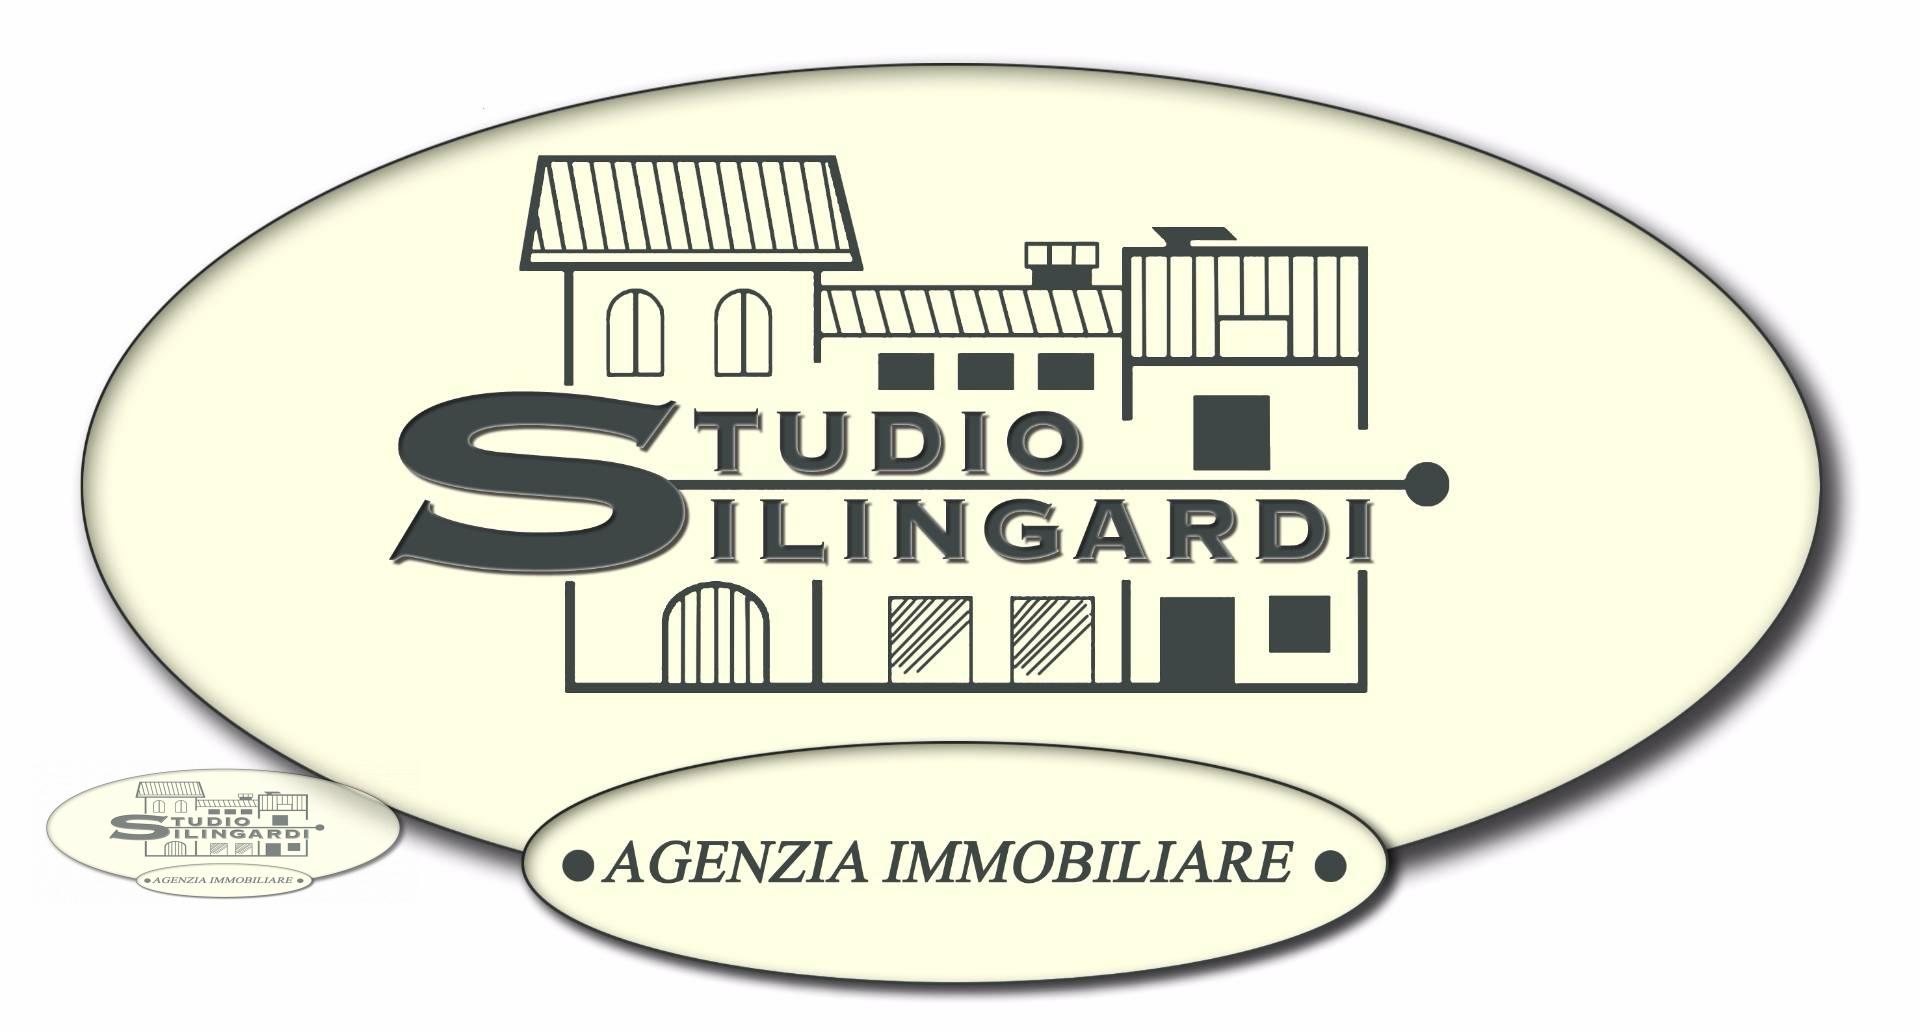 Appartamento in affitto a Formigine, 3 locali, zona Località: Formigine, prezzo € 650 | Cambio Casa.it